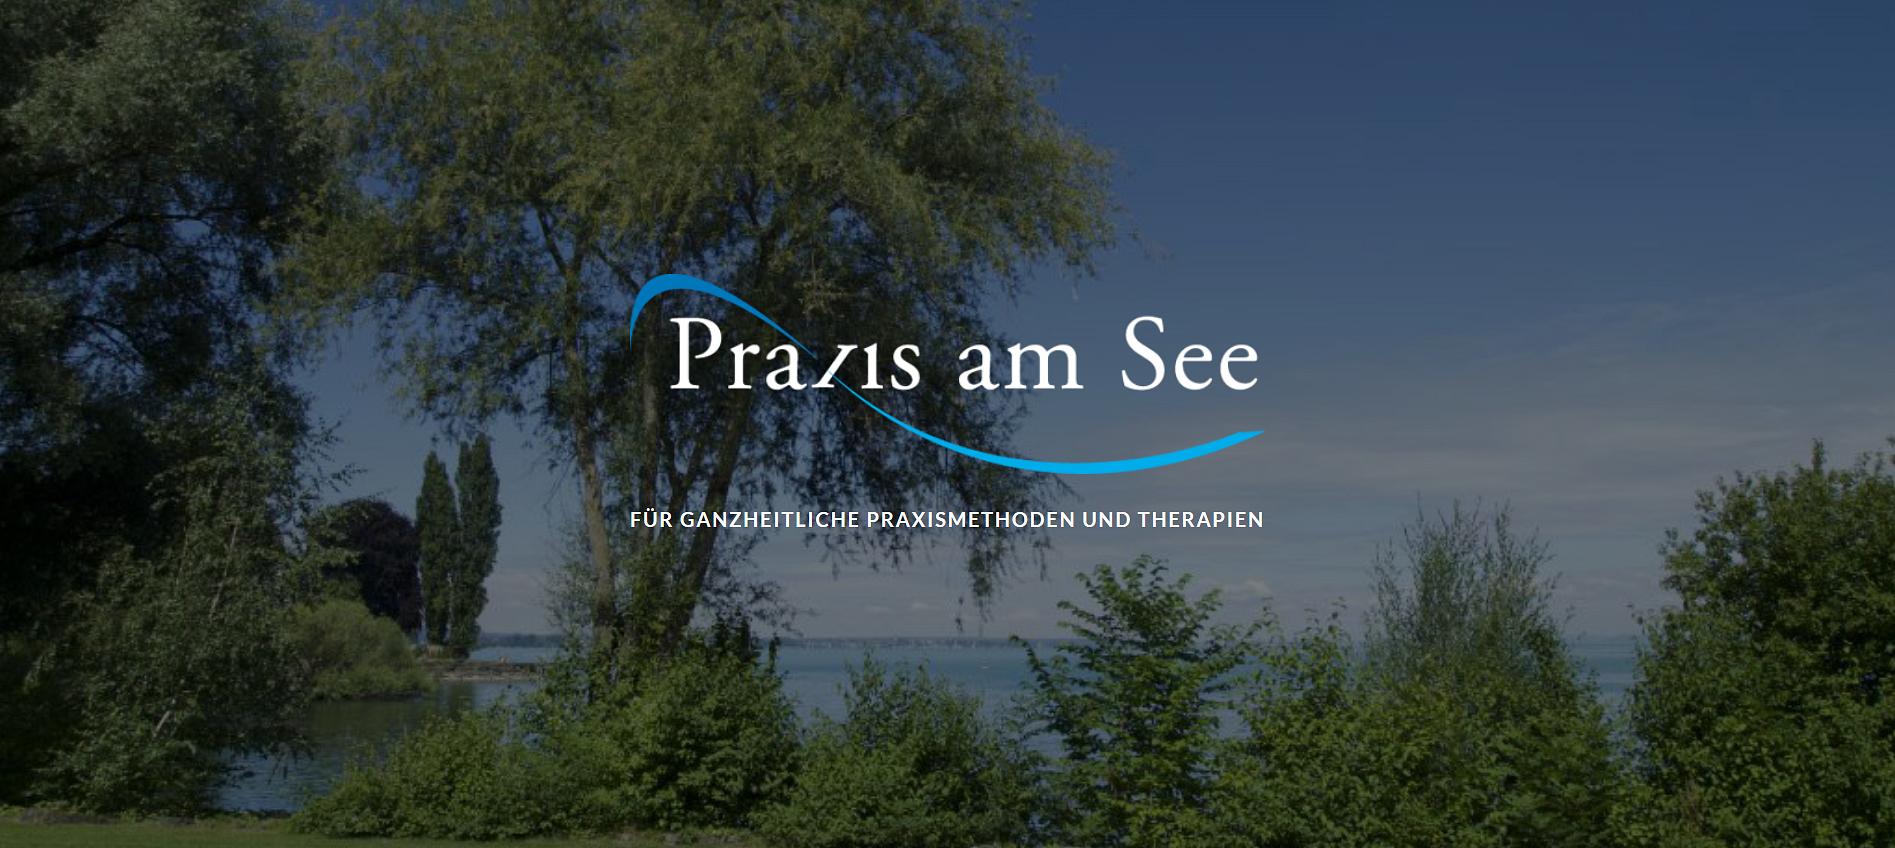 Praxis am See